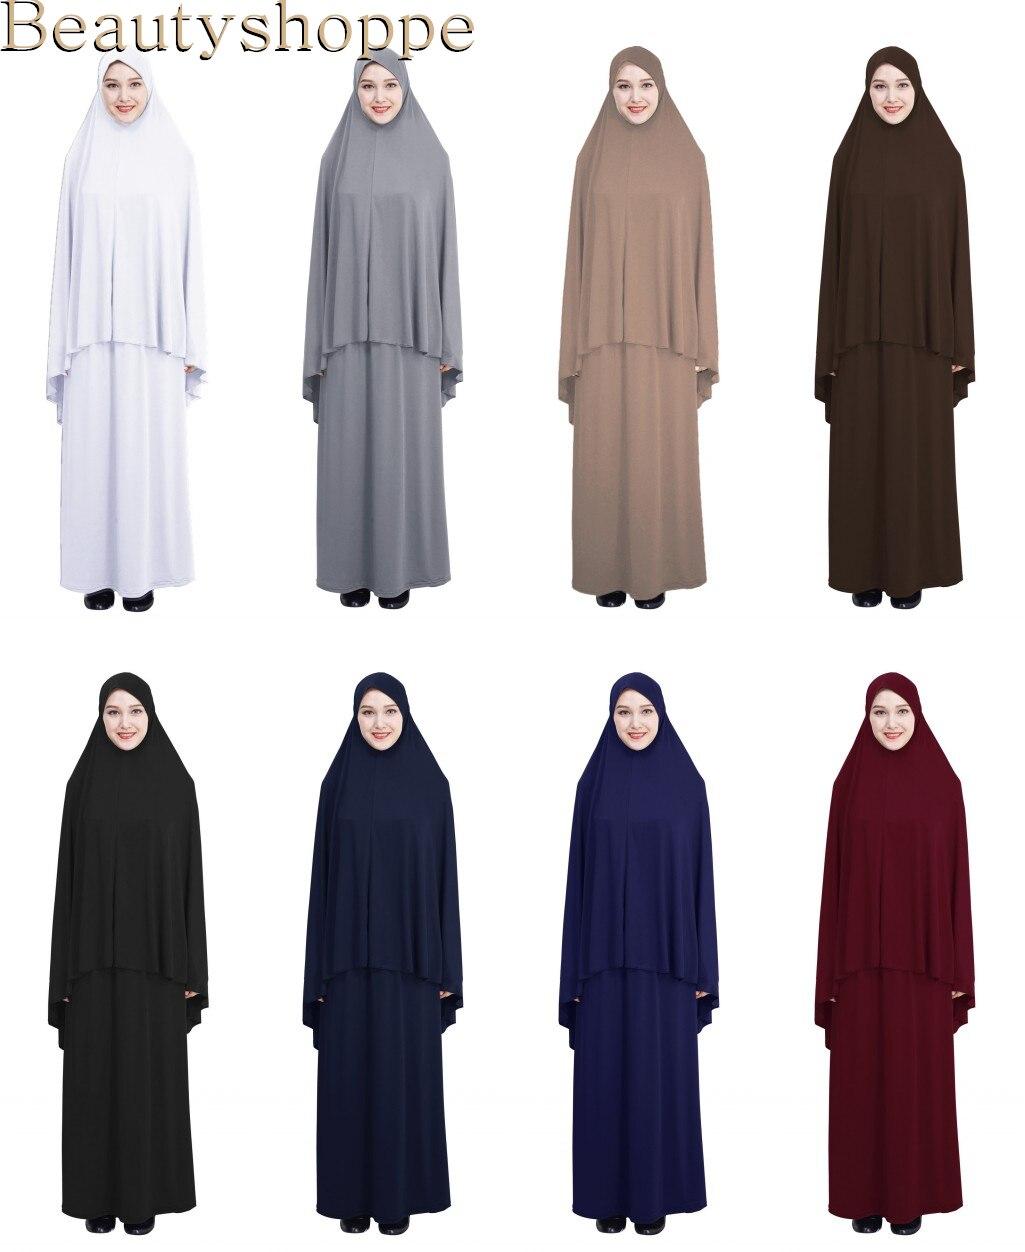 Женское мусульманское платье для молитвы, длинный шарф Niquab, химар хиджаб, ислам